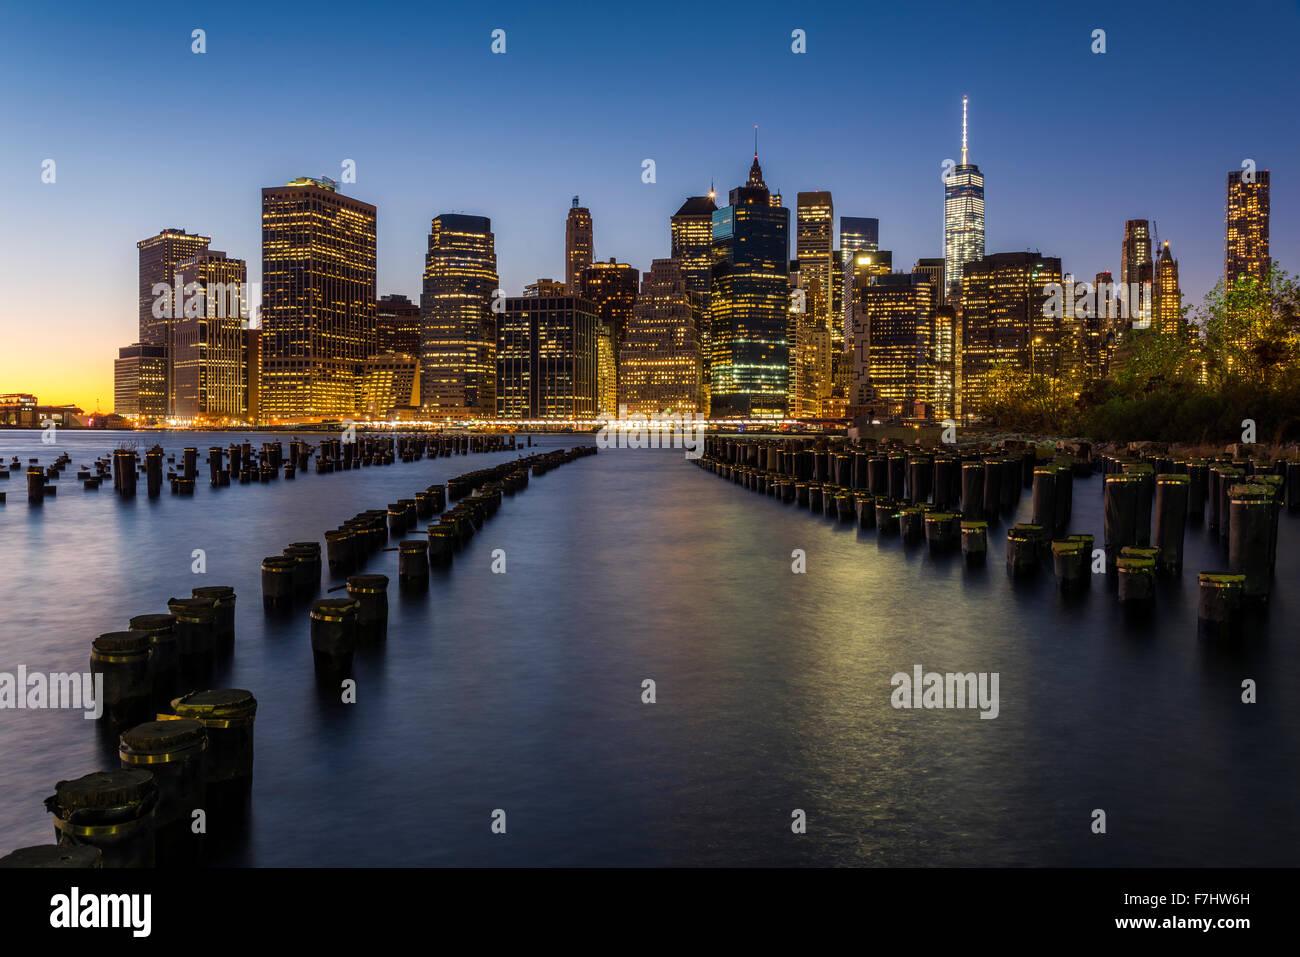 Lower Manhattan skyline al atardecer desde el puente de Brooklyn Park, Brooklyn, Nueva York, EE.UU. Imagen De Stock